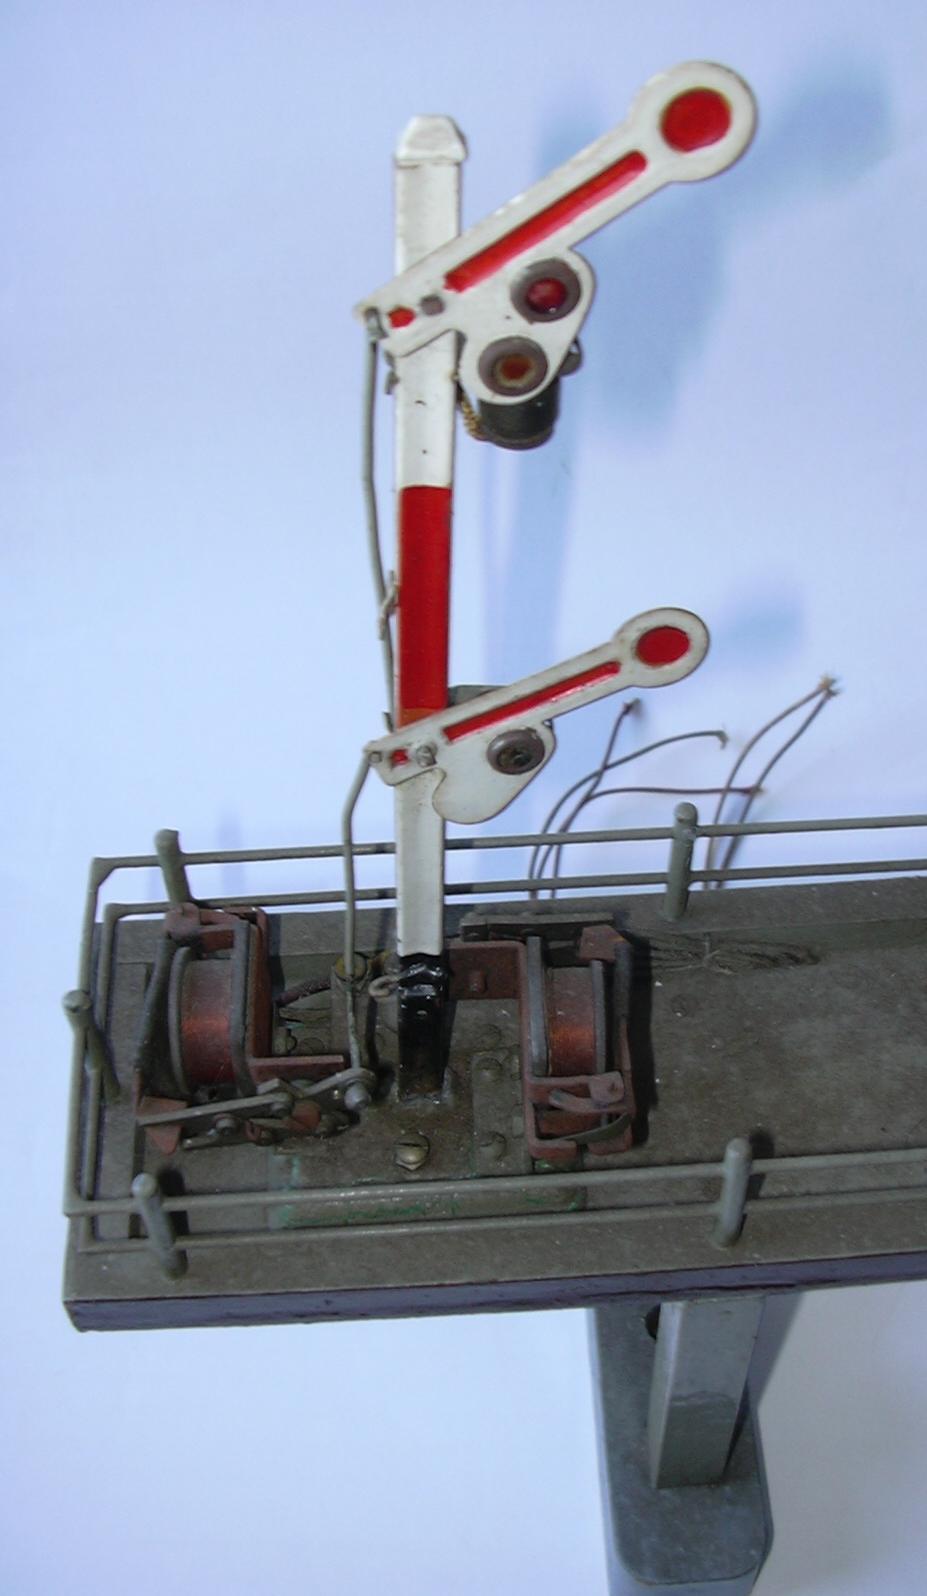 Signalbrücke Spur 0 aus Märklinteilen 16983246mm